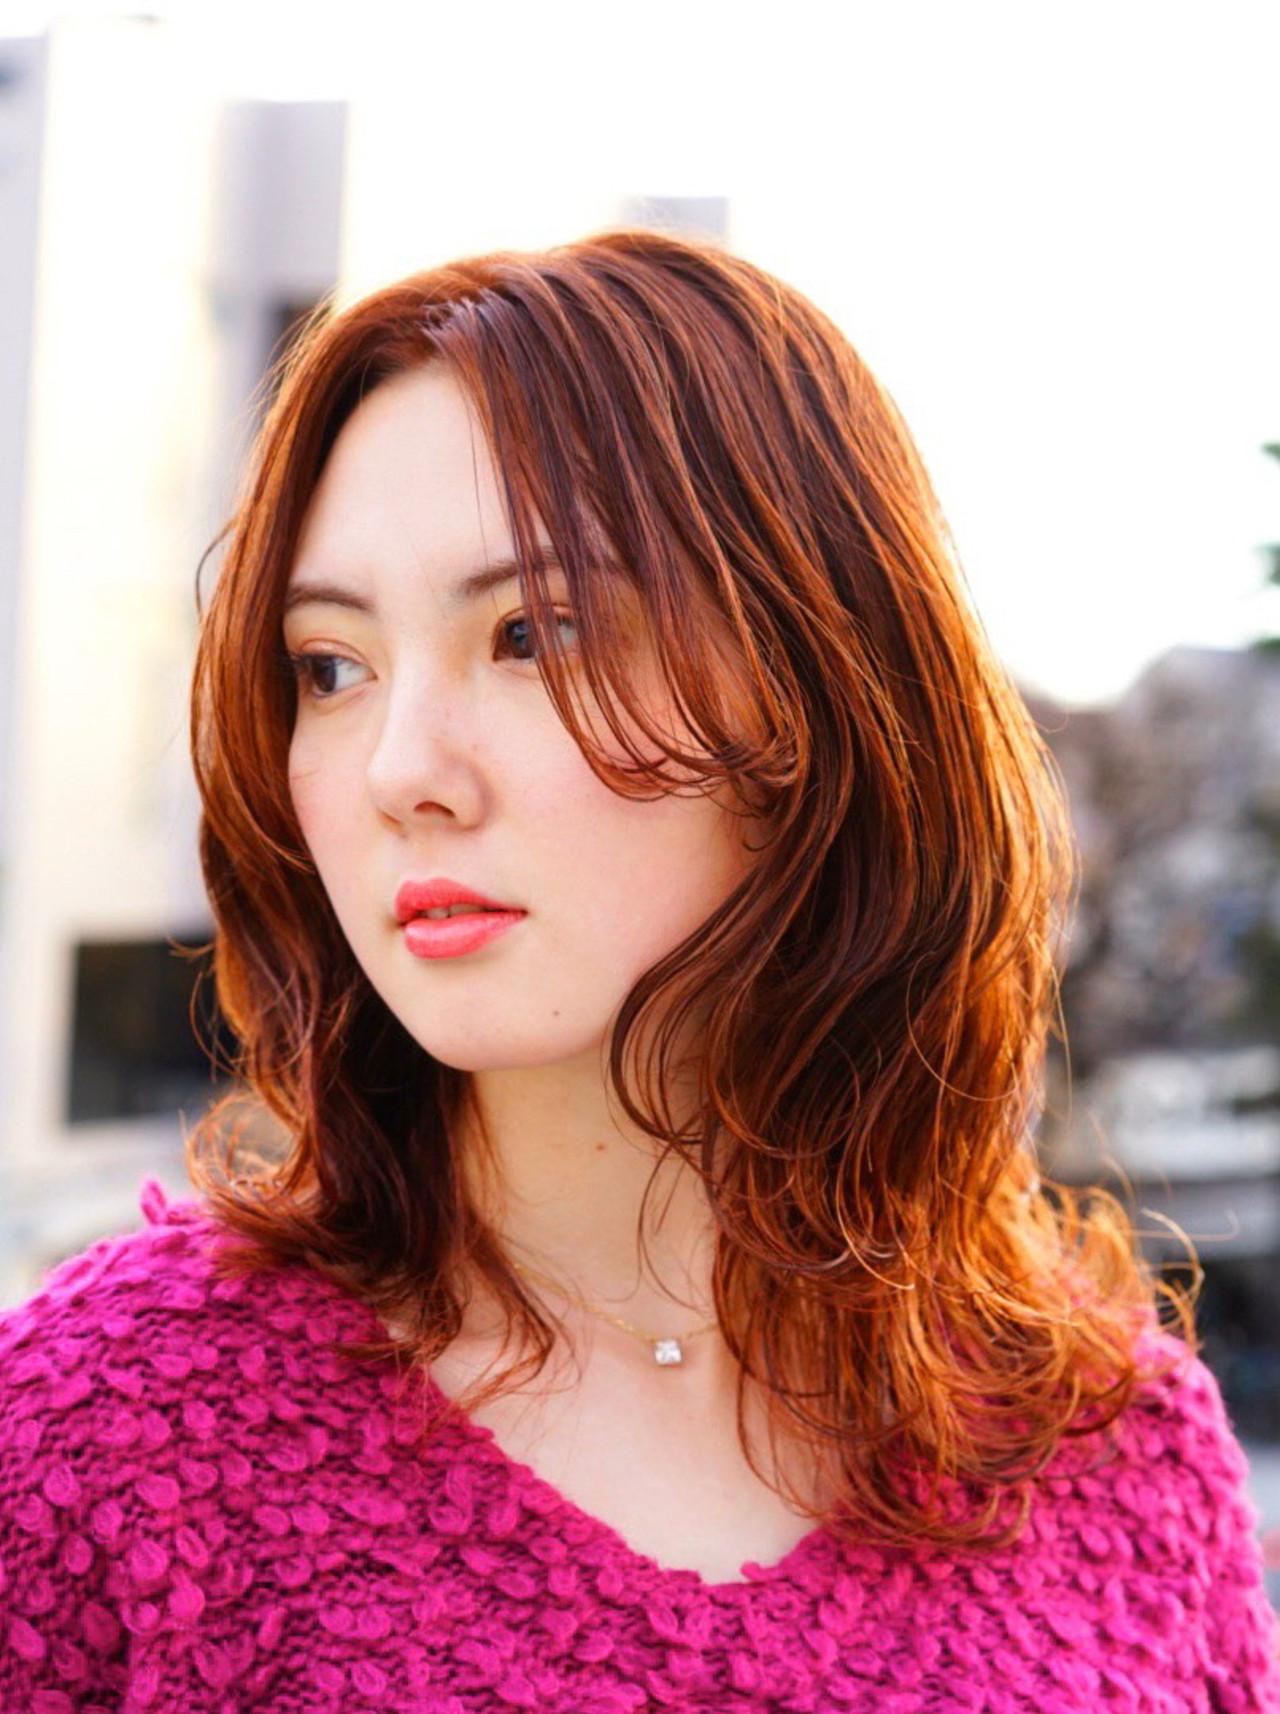 秋冬スタイル エレガント オレンジブラウン お洒落 ヘアスタイルや髪型の写真・画像